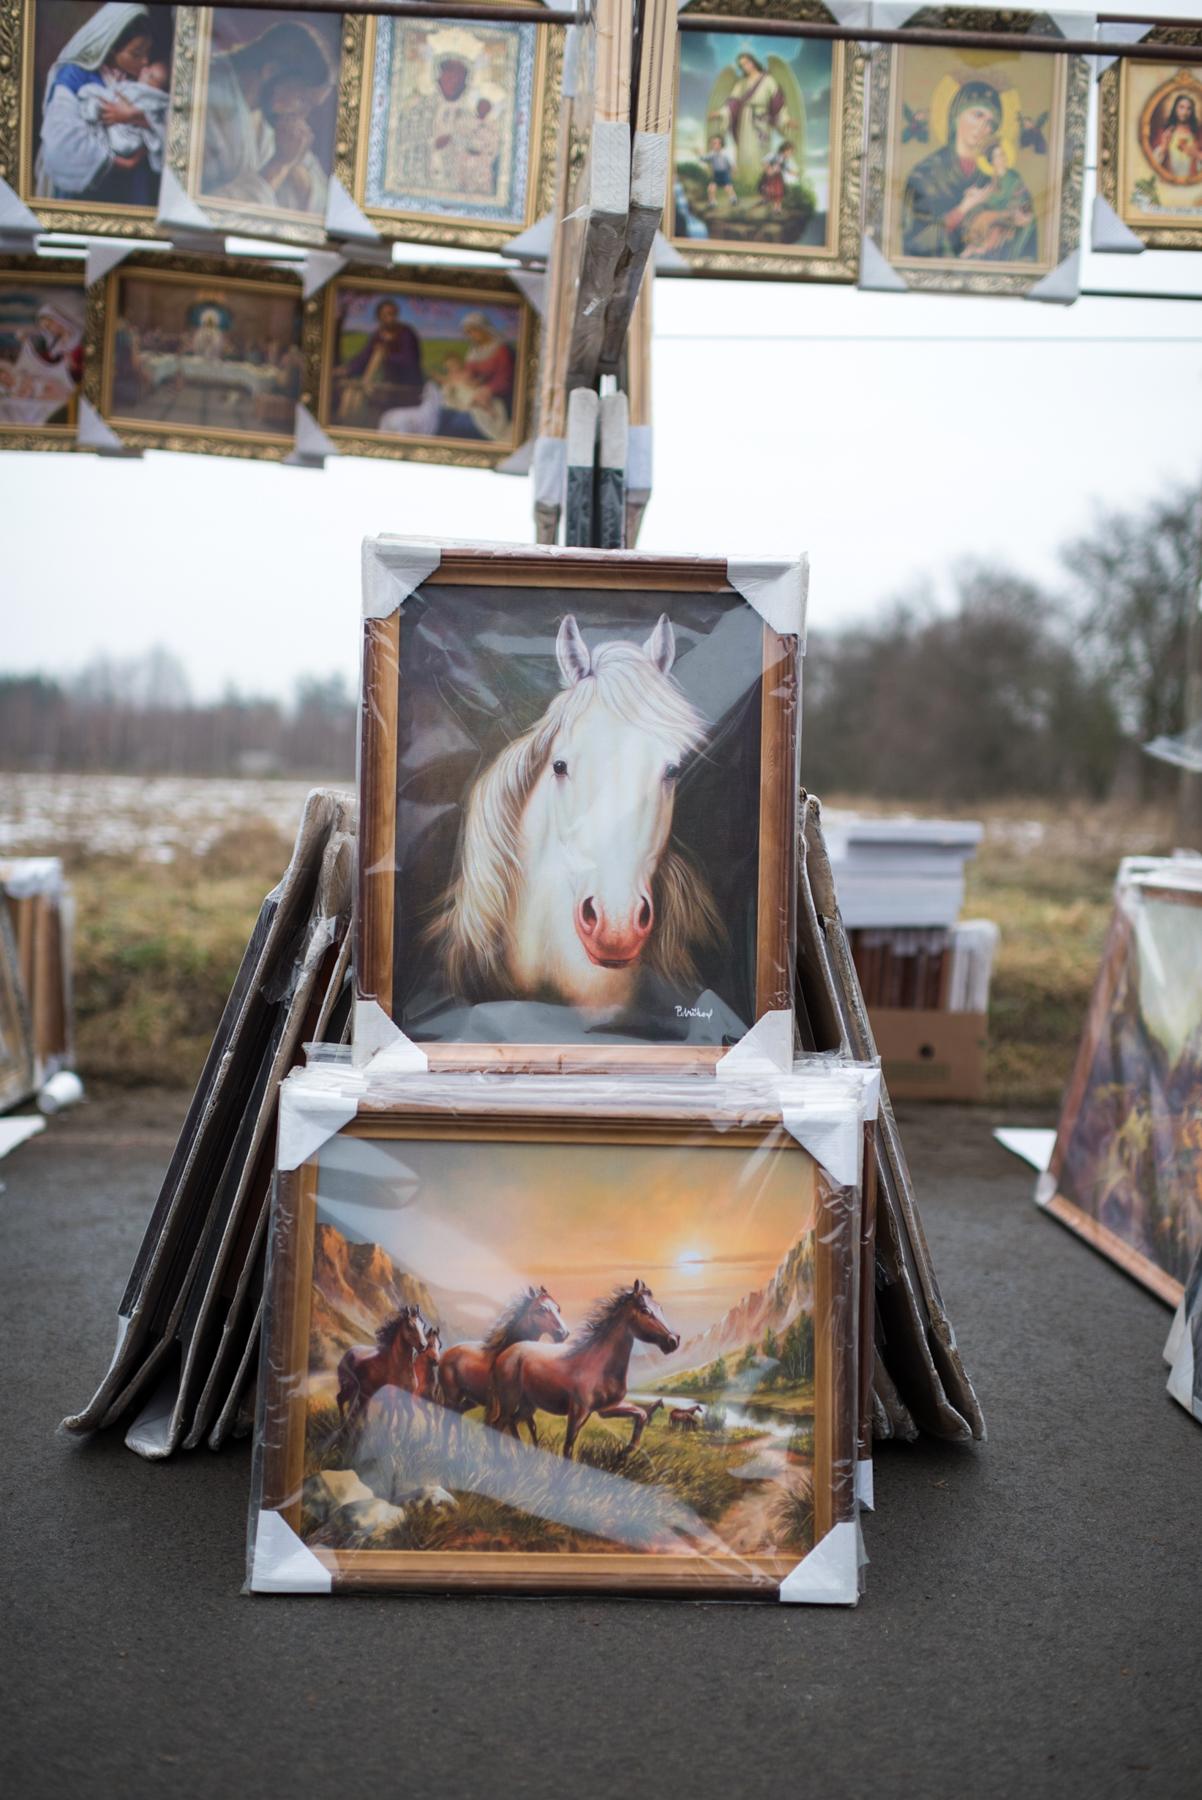 Heleen_Peeters_Horse_HorseArt_6.jpg